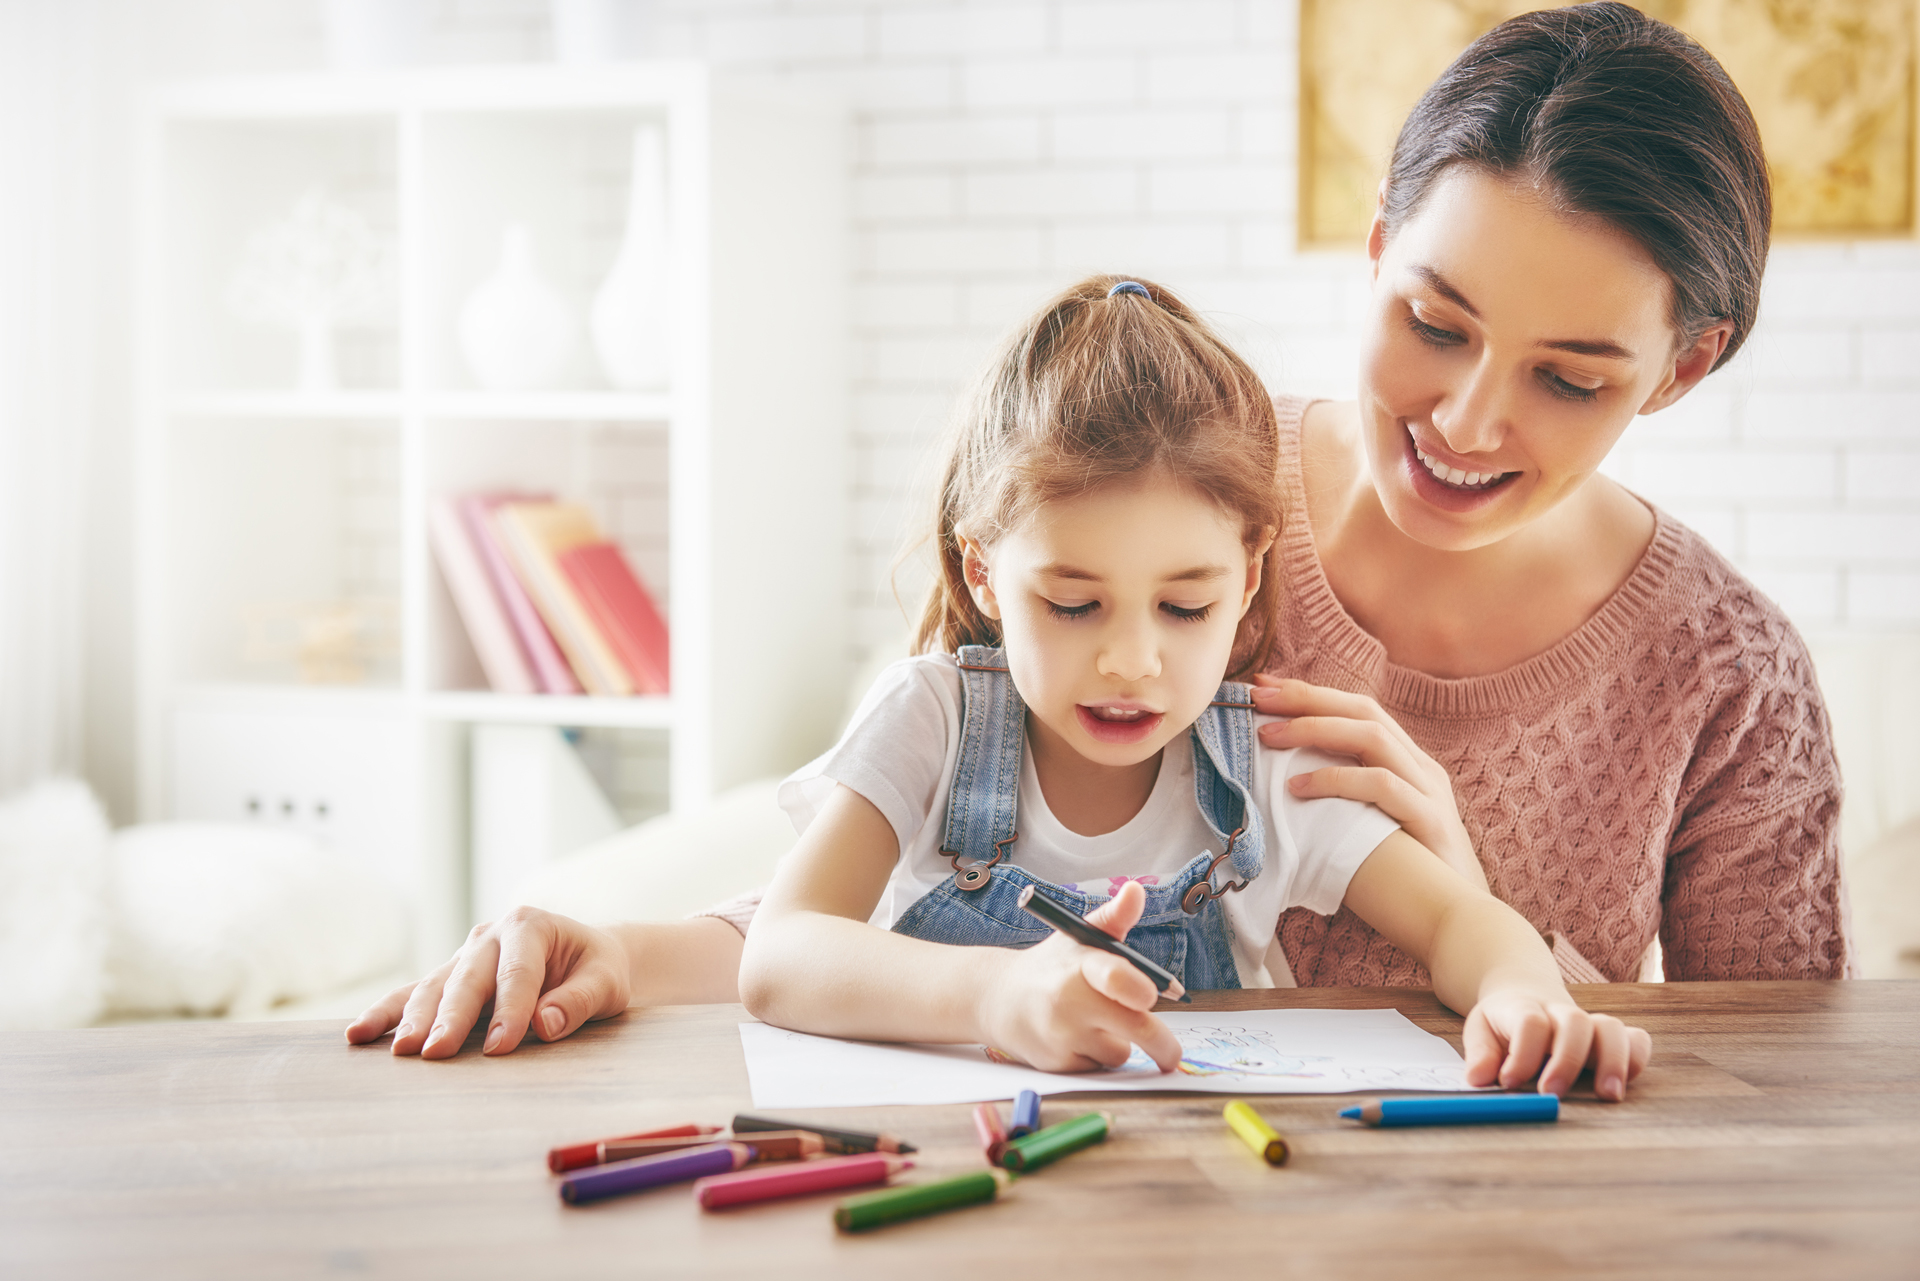 Ebeveynlerin değiştirmeleri gerektikleri 15 davranış #1